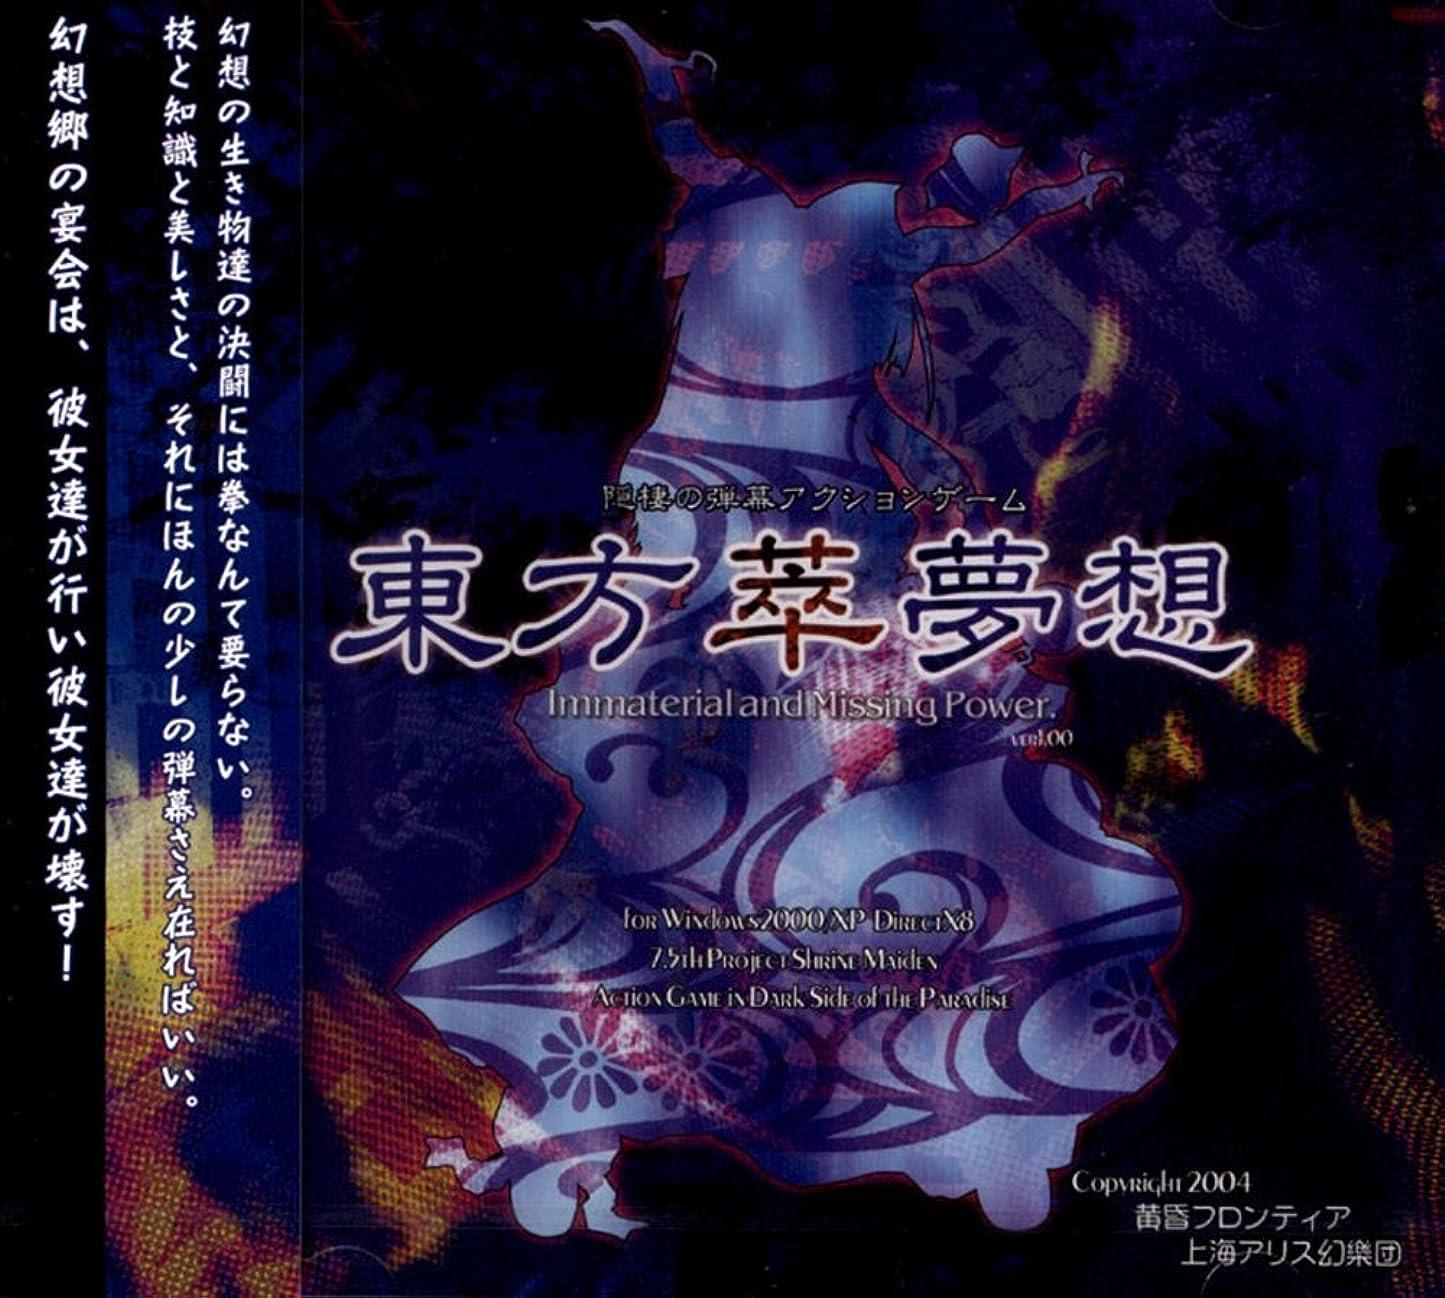 話ブランドユーモラス東方萃夢想 ~ Immaterial and Missing Power.[同人PCソフト]